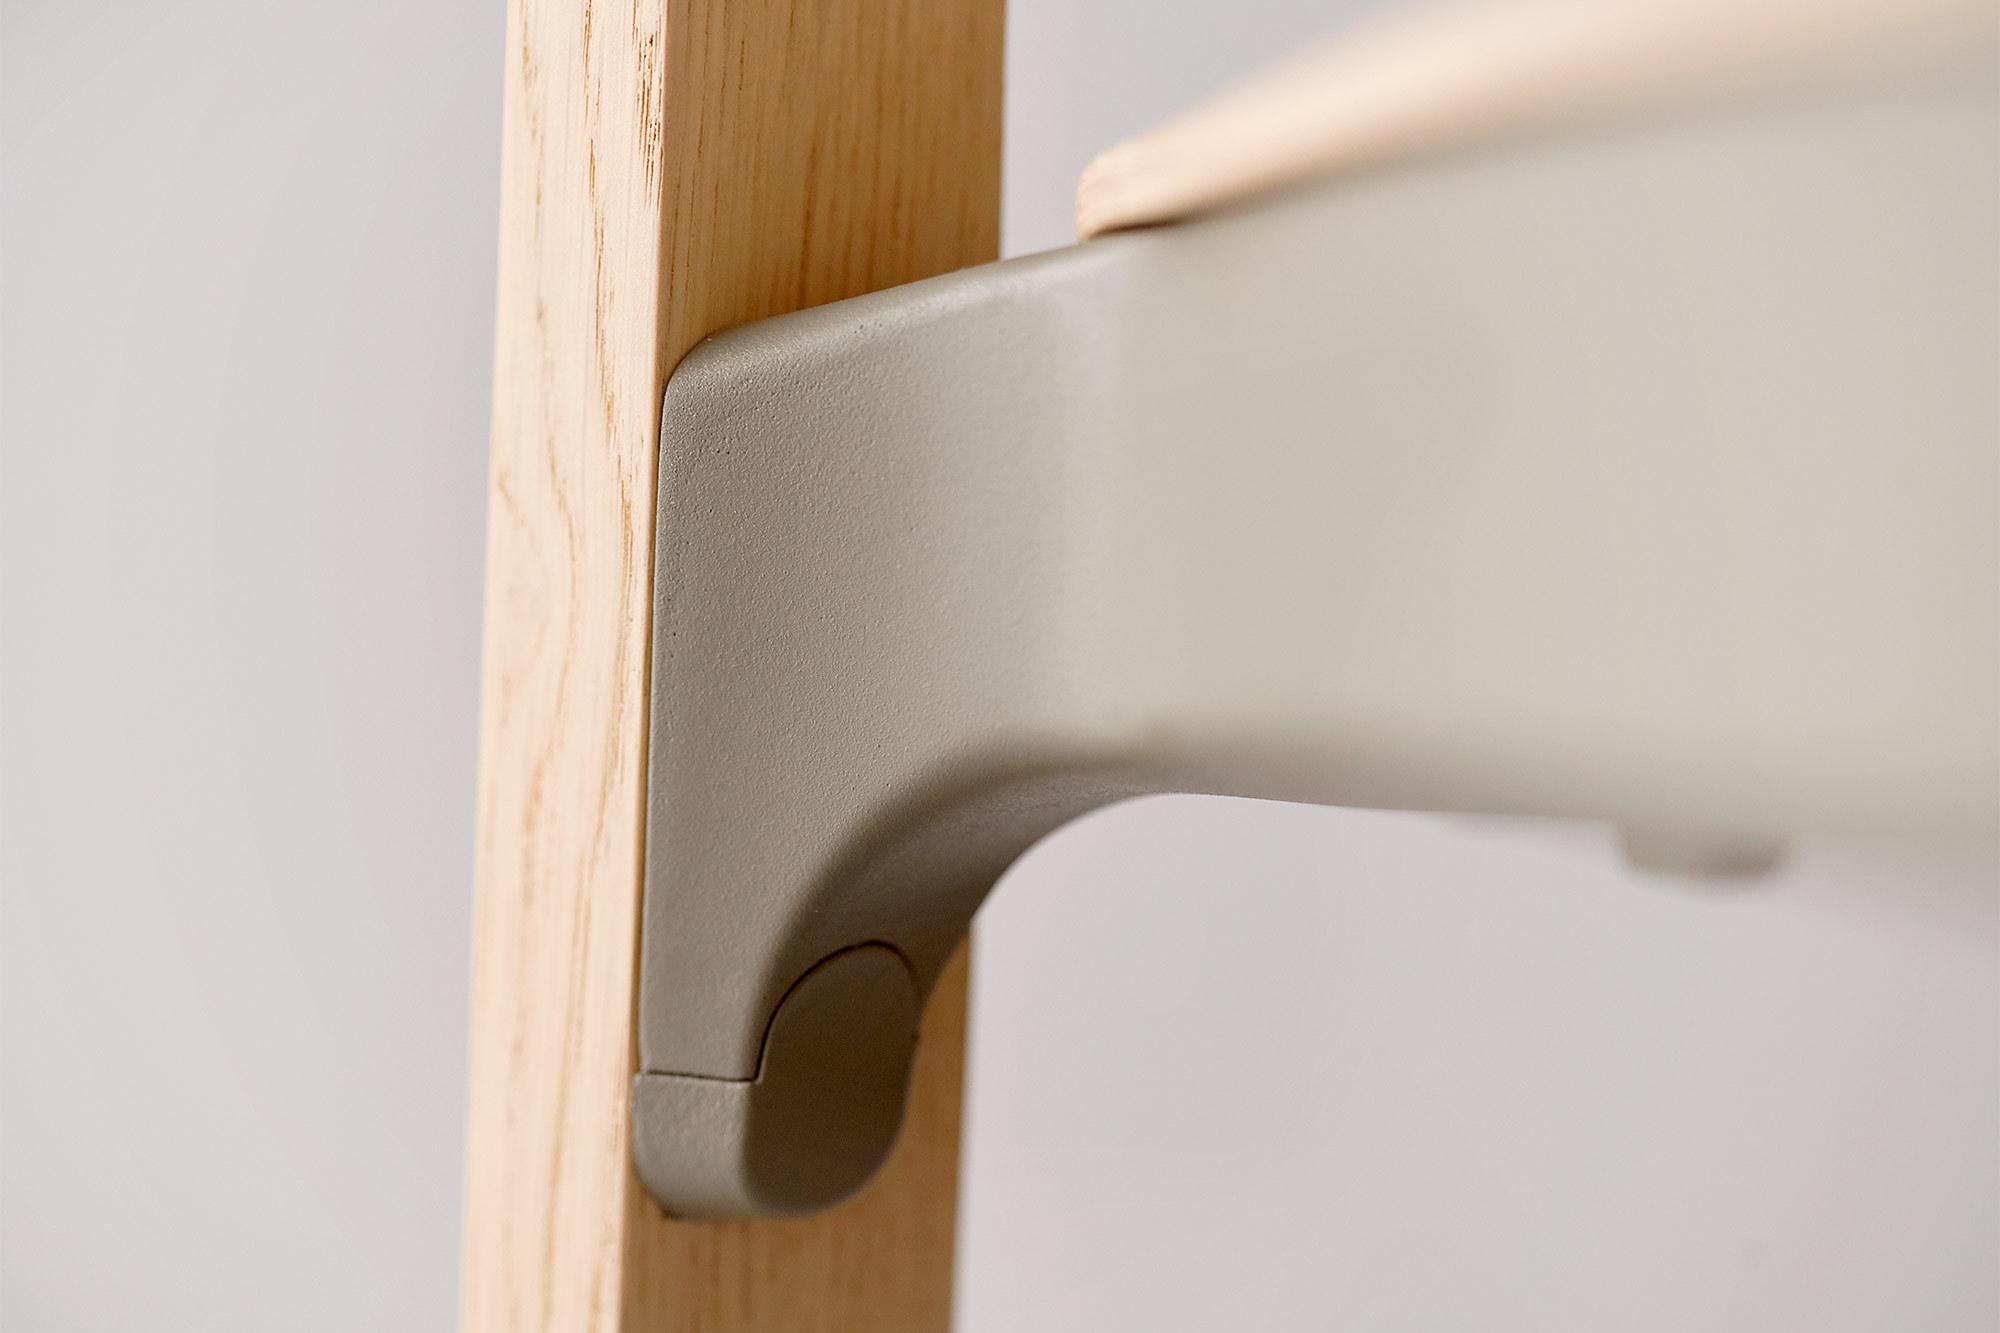 Holzstuhl nate hat eine Zarge aus Kunststoff.